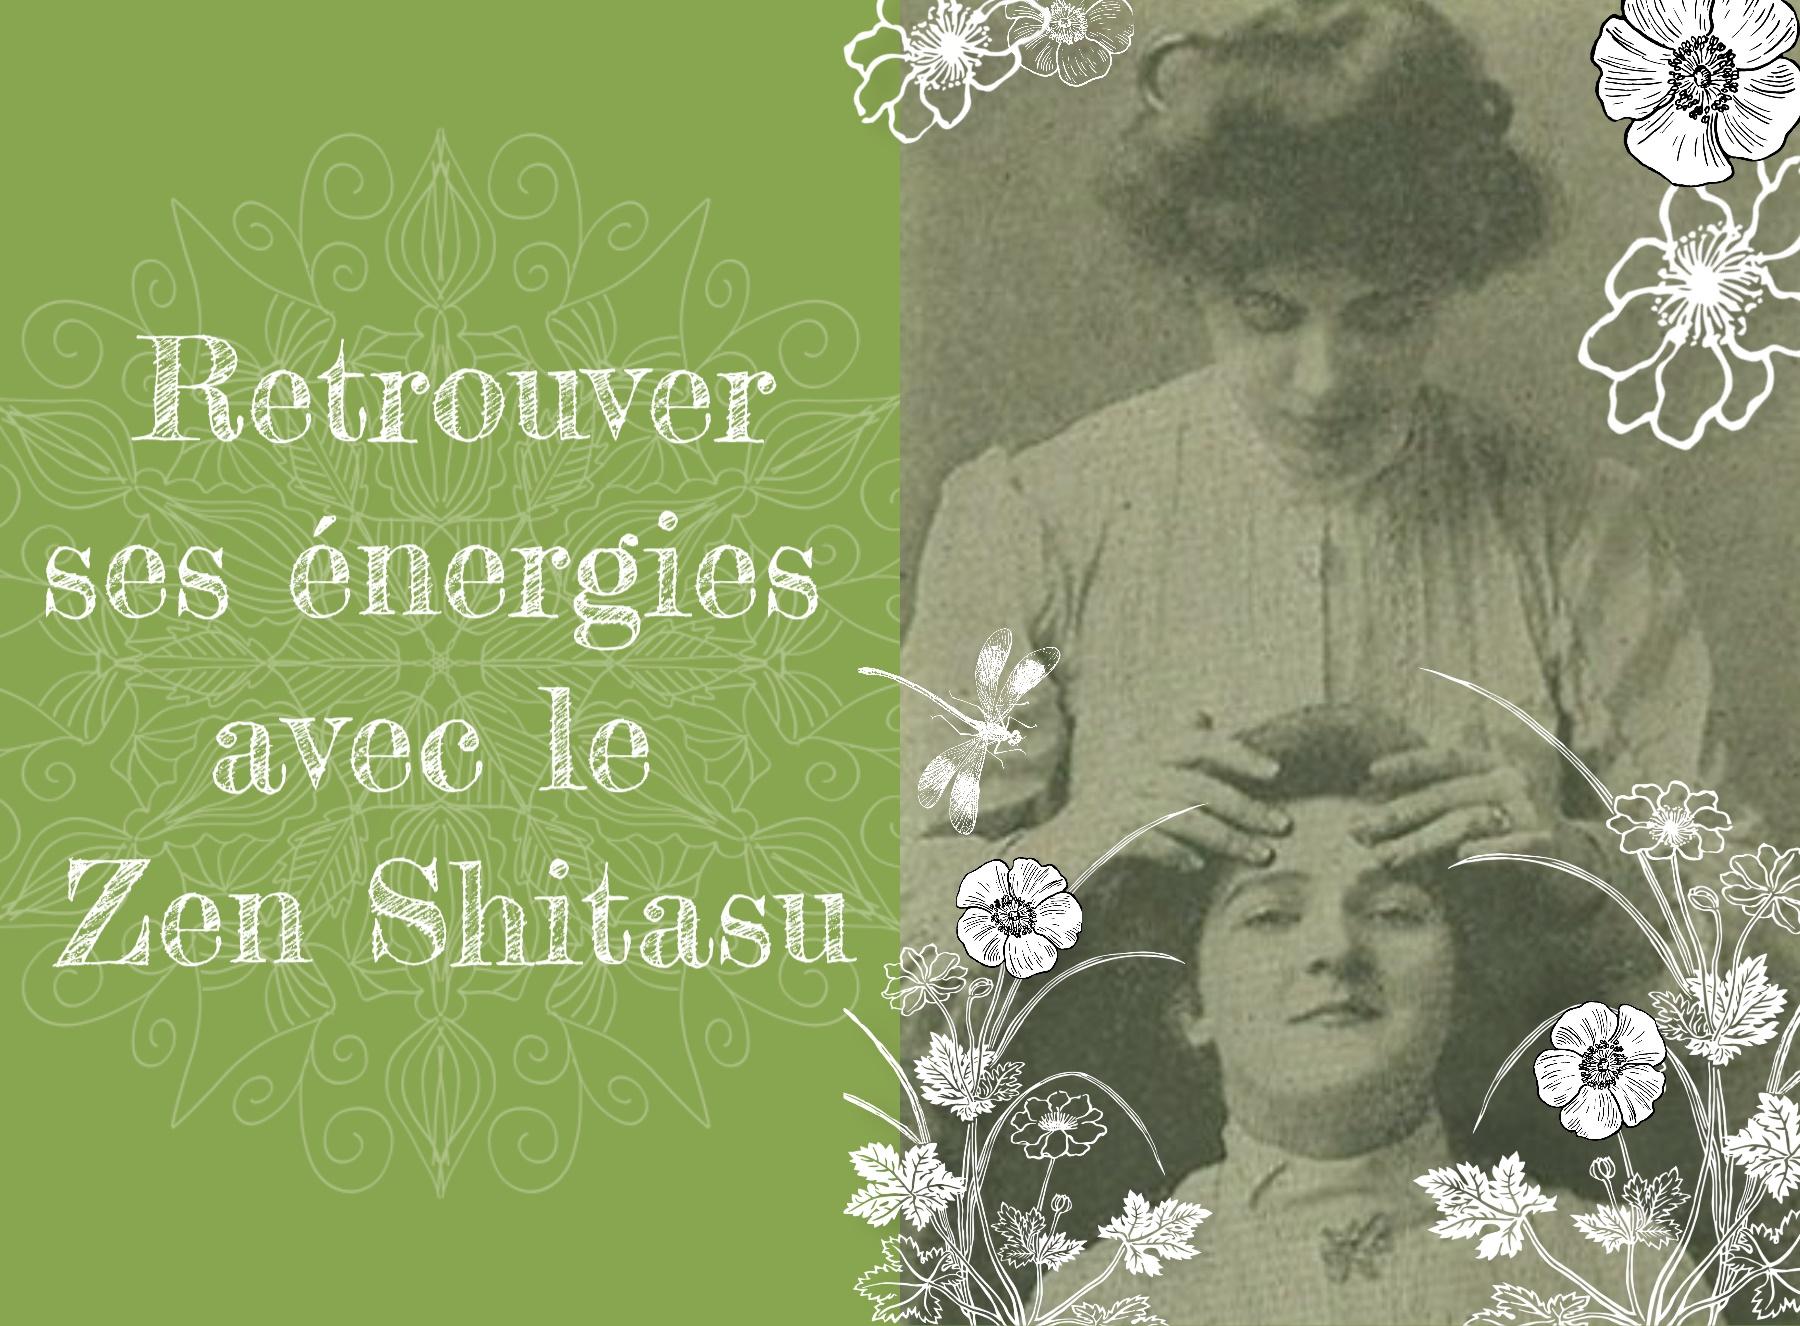 Photographie 1900 d'une femme qui masse le visage d'une autre entiurées par des illustration de fleurs et d'une libellule